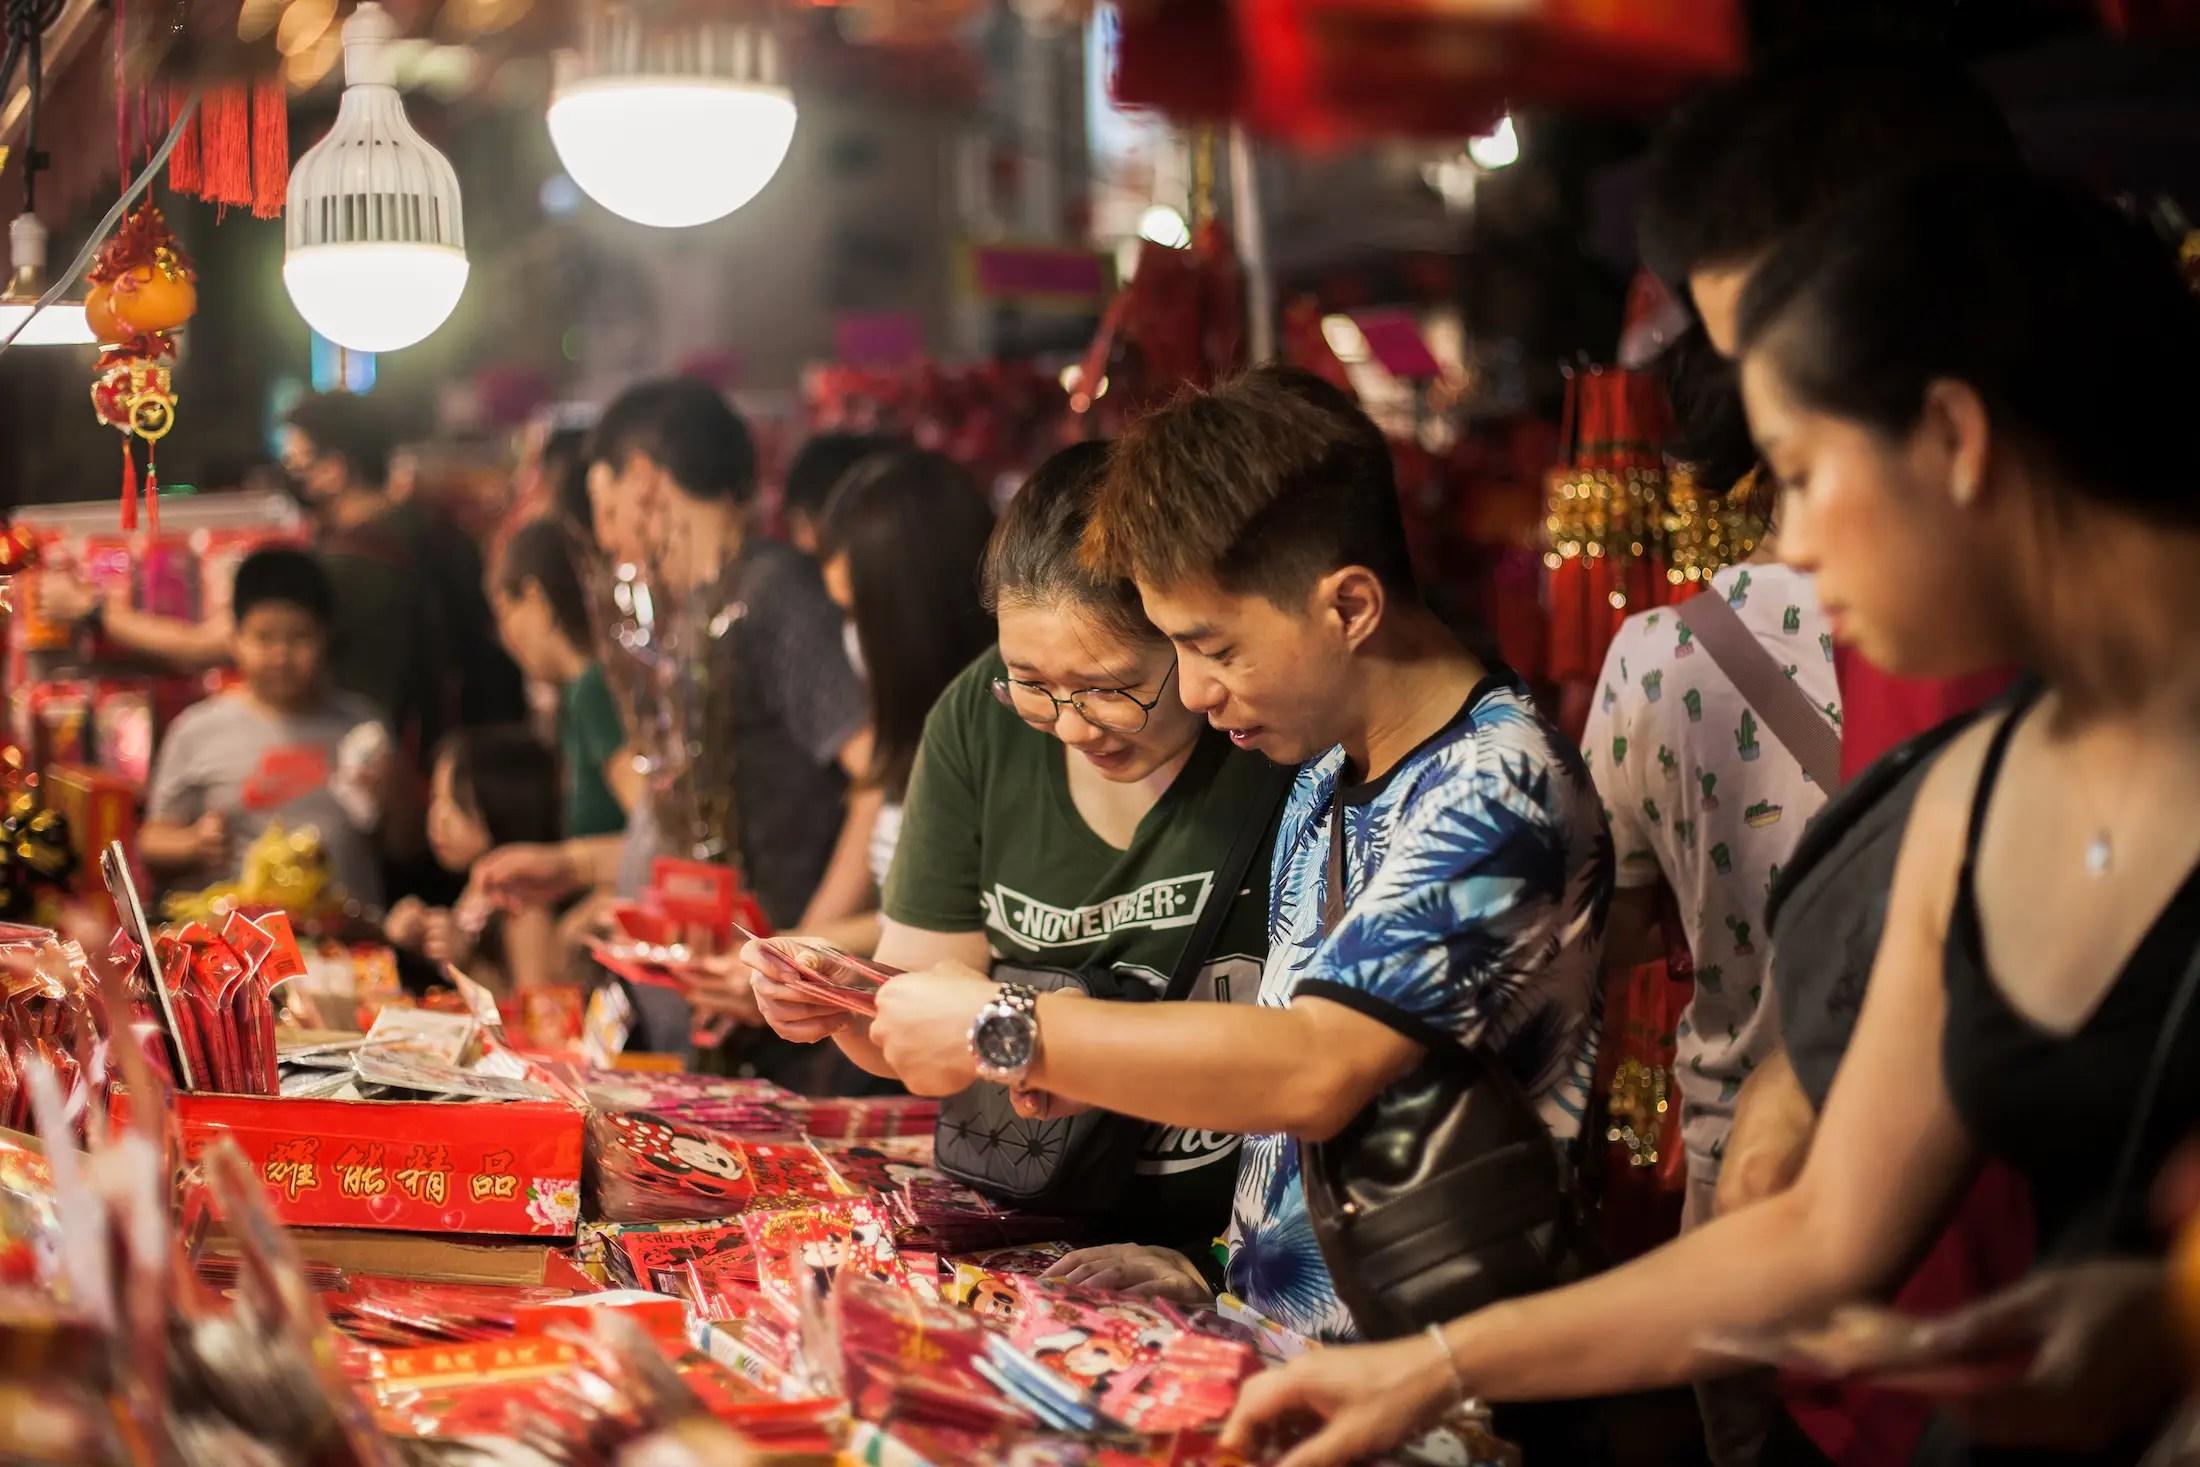 Singapore coronavirus: Lying to investigators may result in jail ...